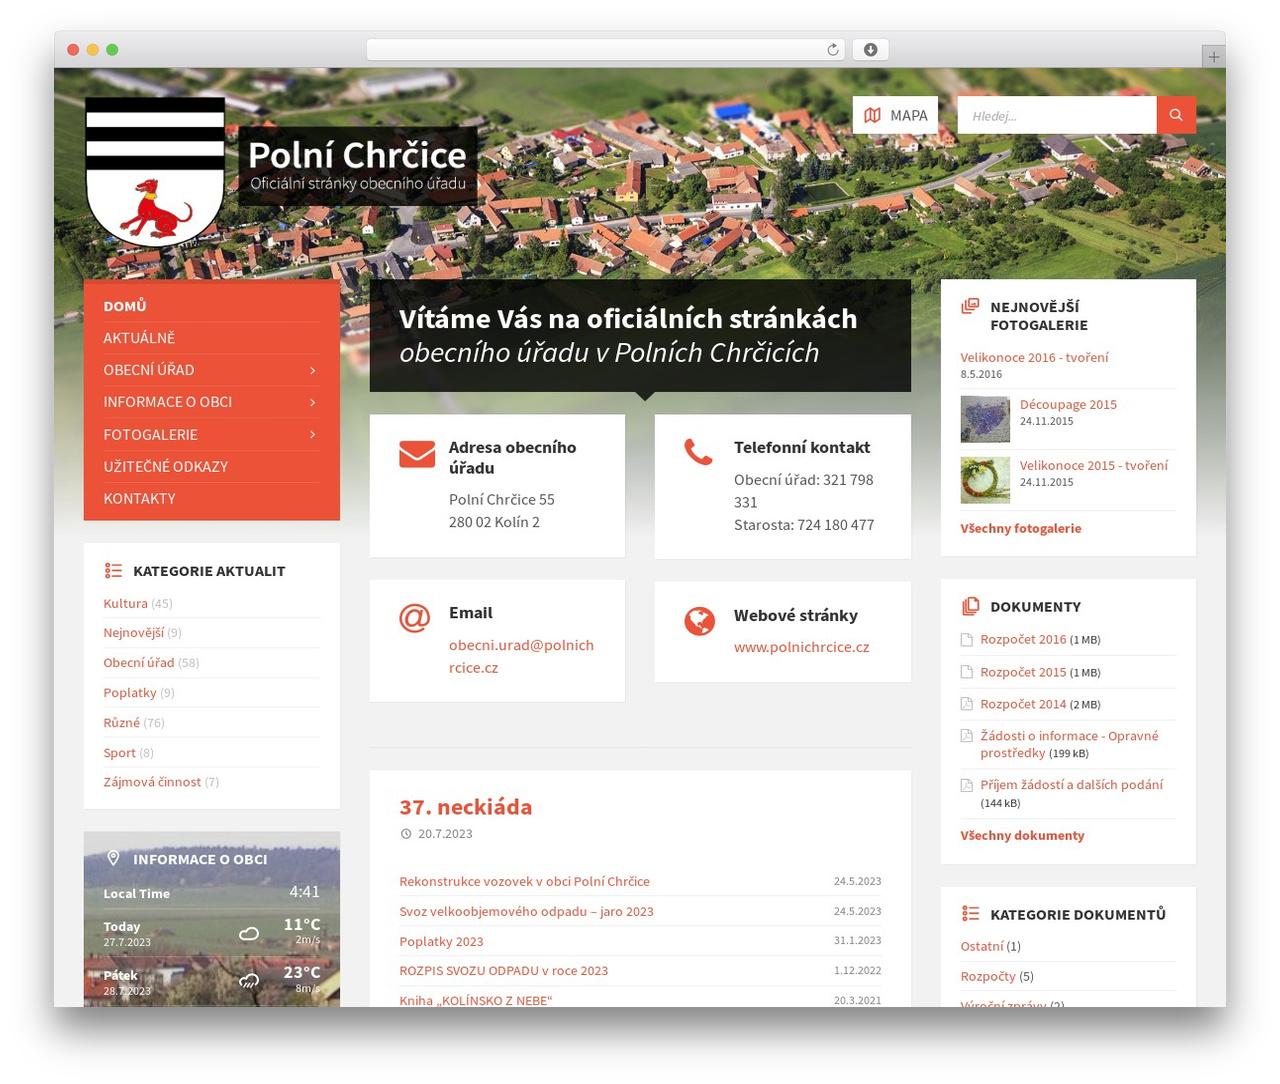 WordPress theme TownPress - polnichrcice.cz